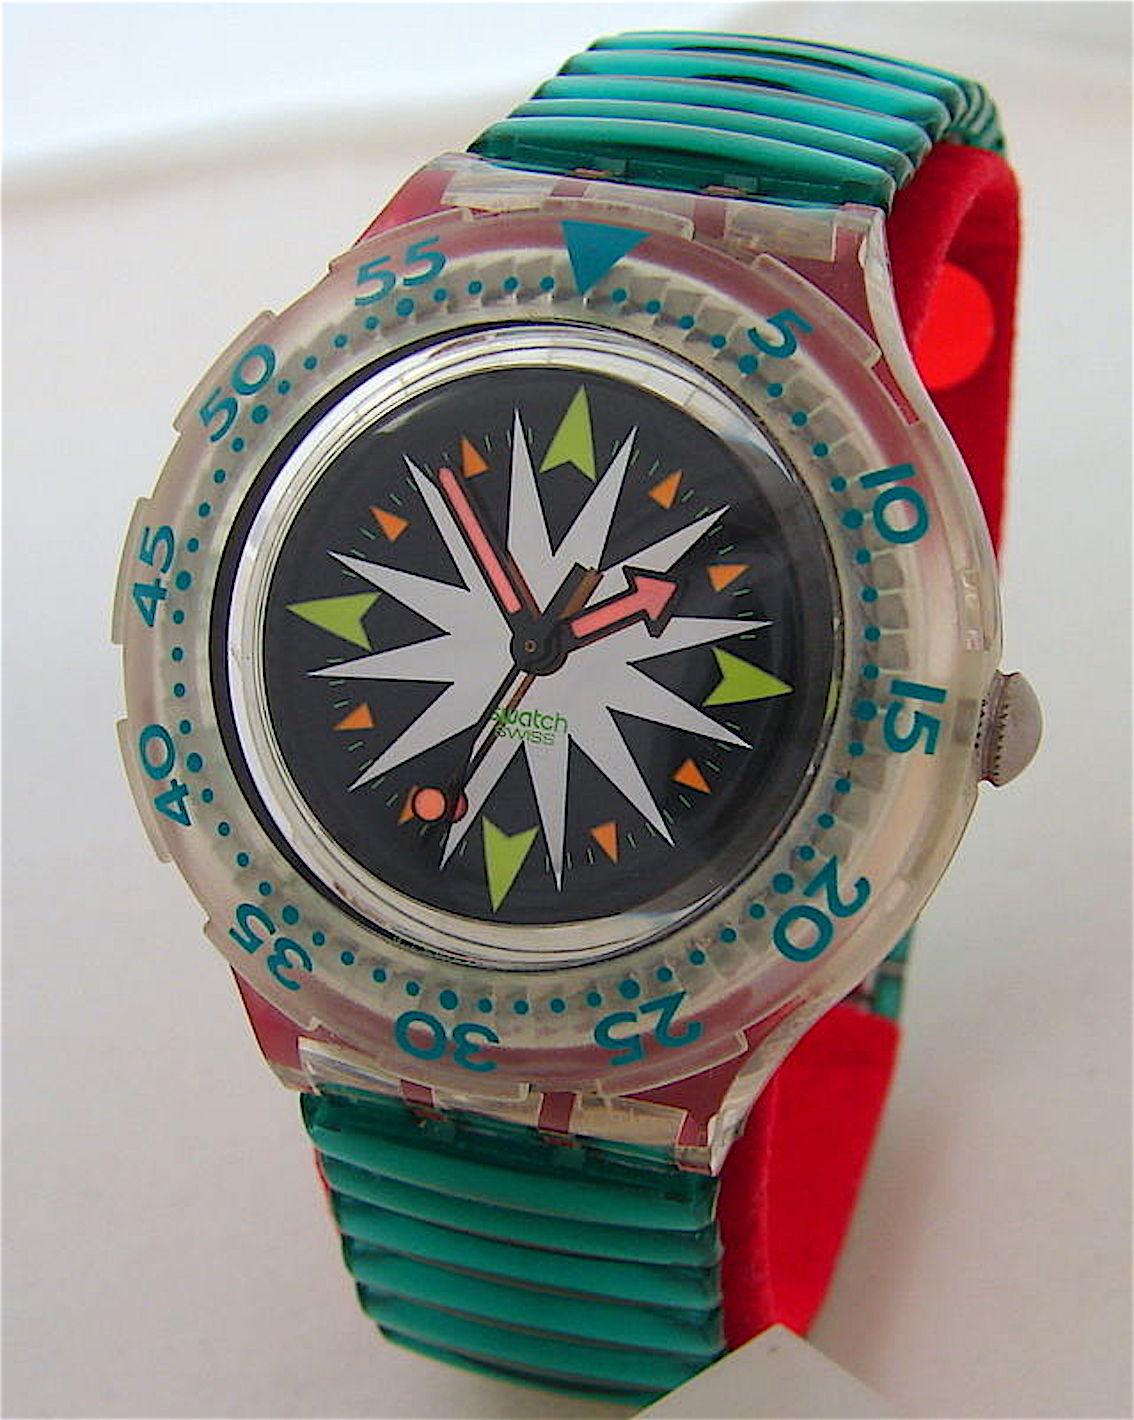 Swatch_menta gocce_Scuba orologio_1992